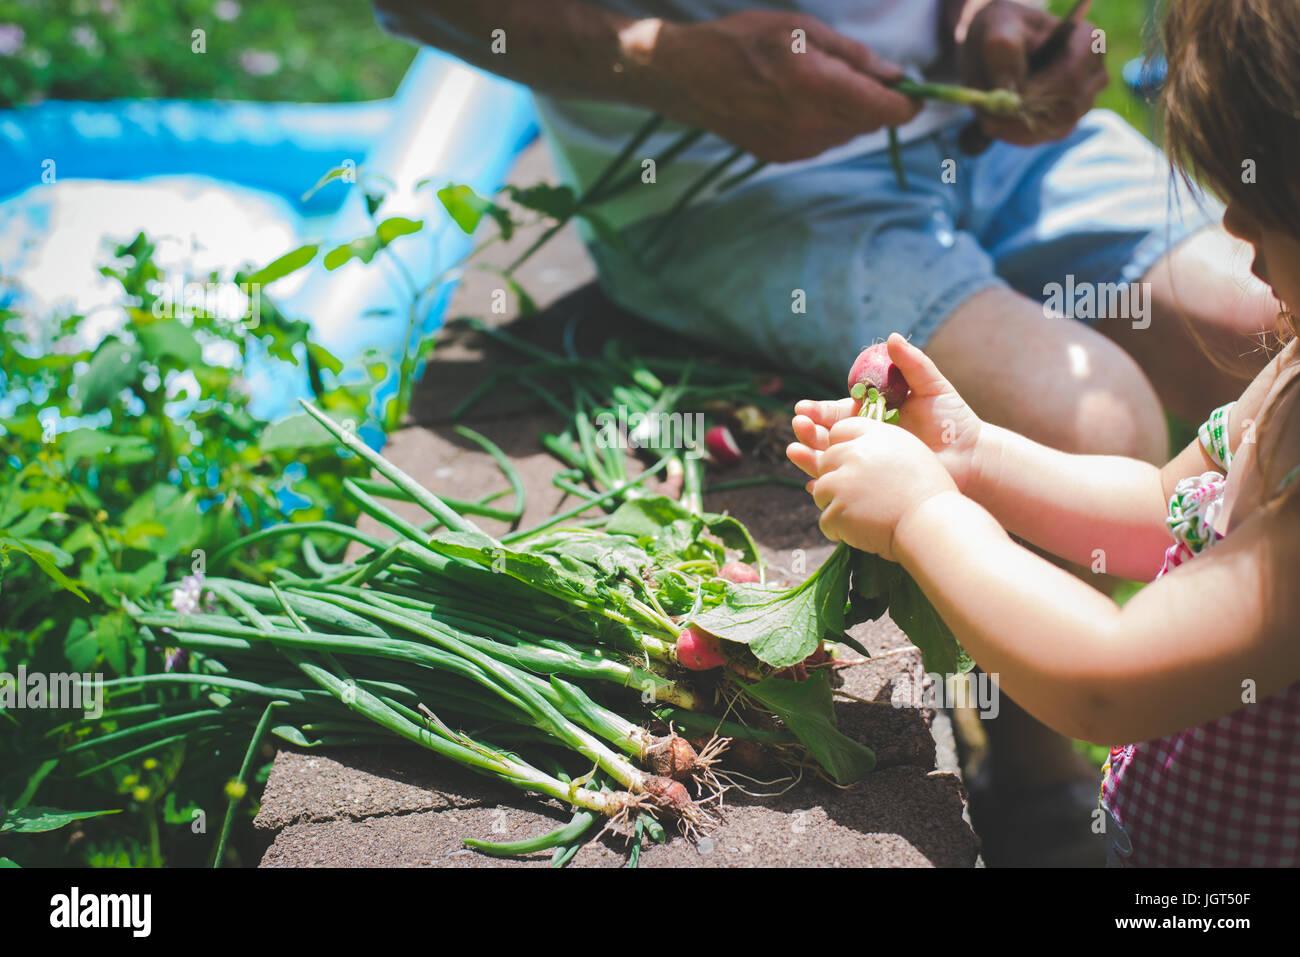 Un abuelo cortes de las verduras frescas del jardín con su nieta. Imagen De Stock